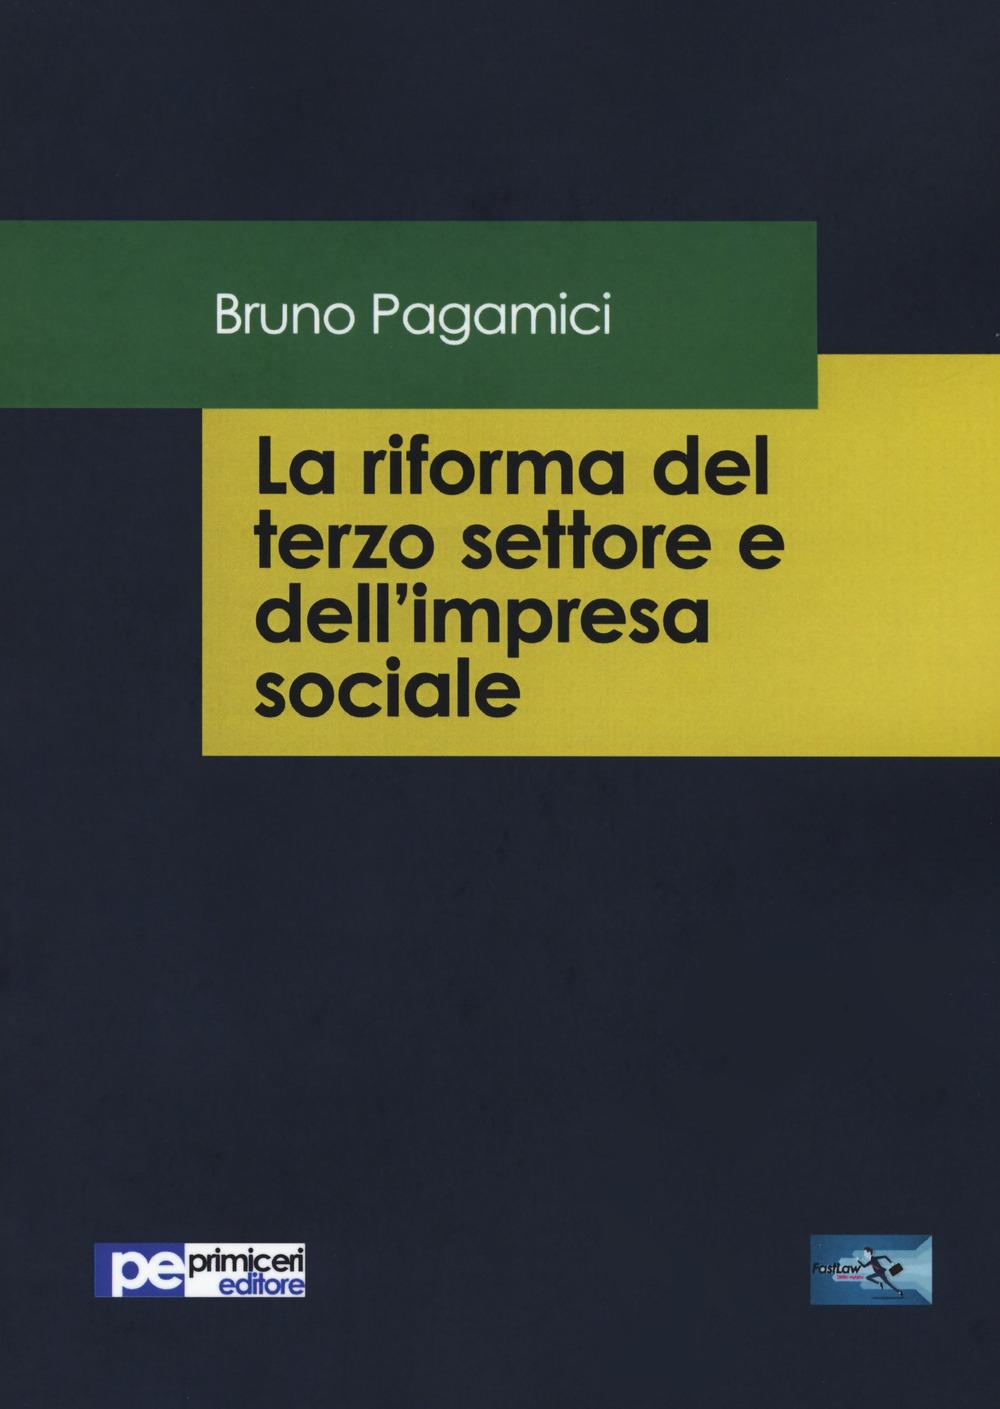 La riforma del terzo settore e dell'impresa sociale